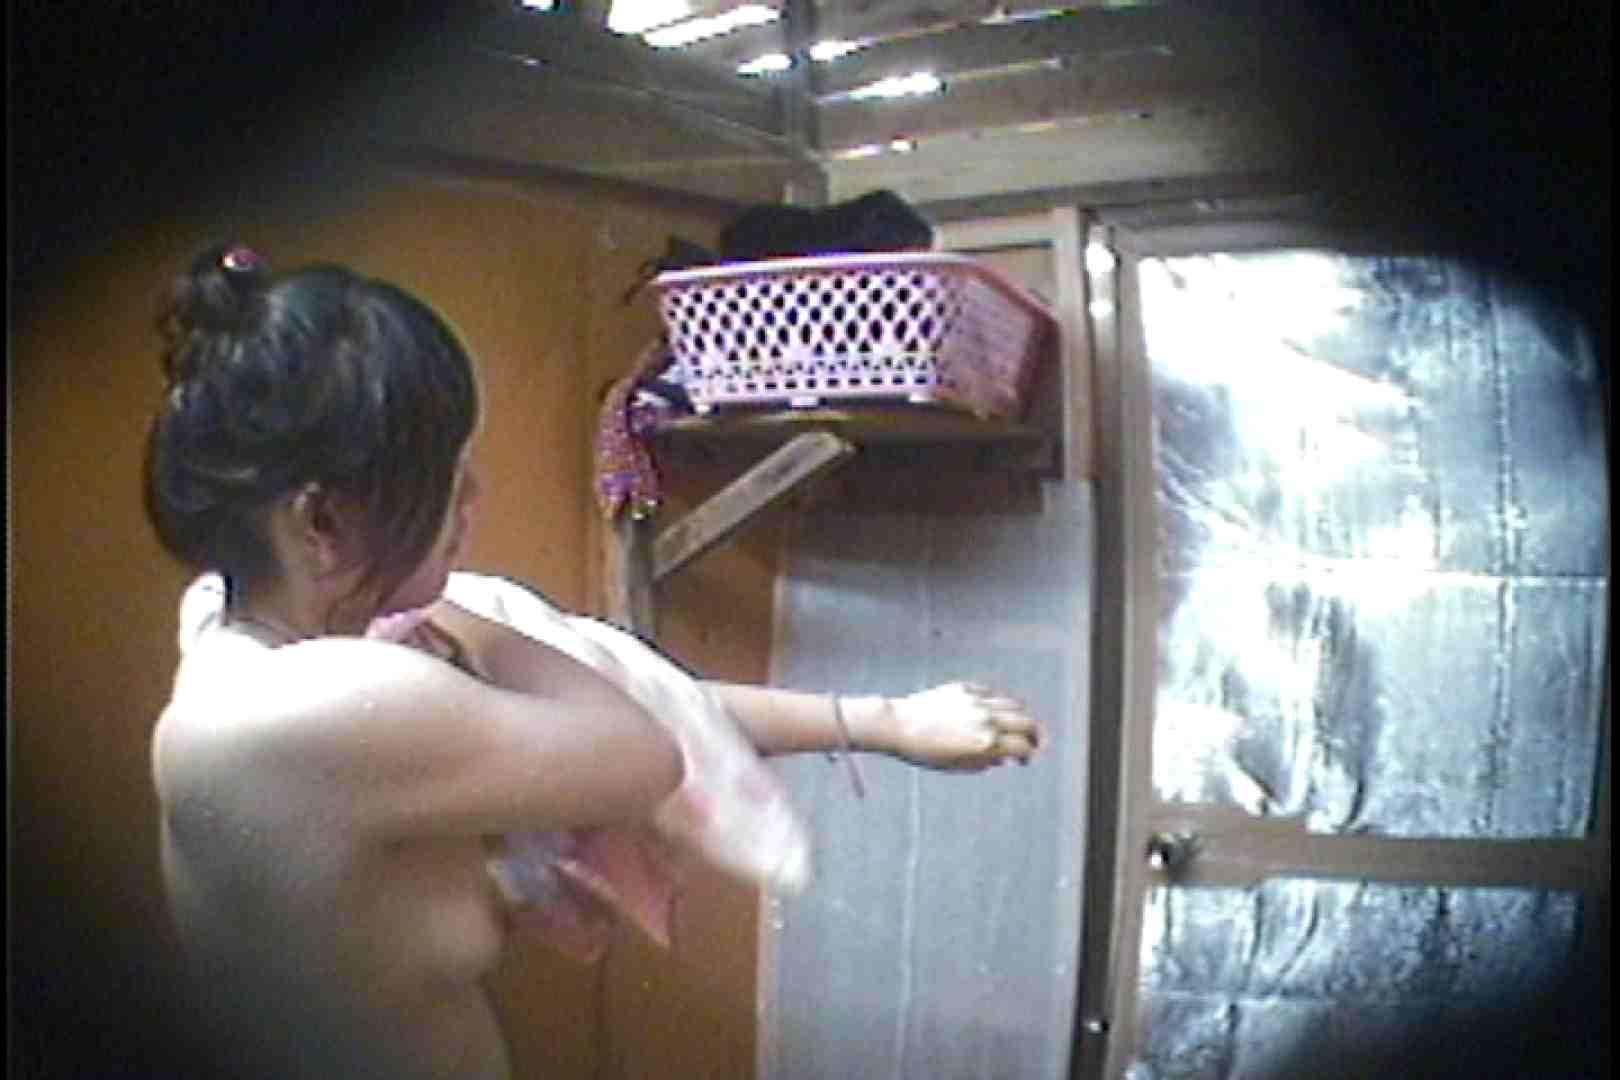 海の家の更衣室 Vol.37 シャワー オマンコ動画キャプチャ 107枚 54